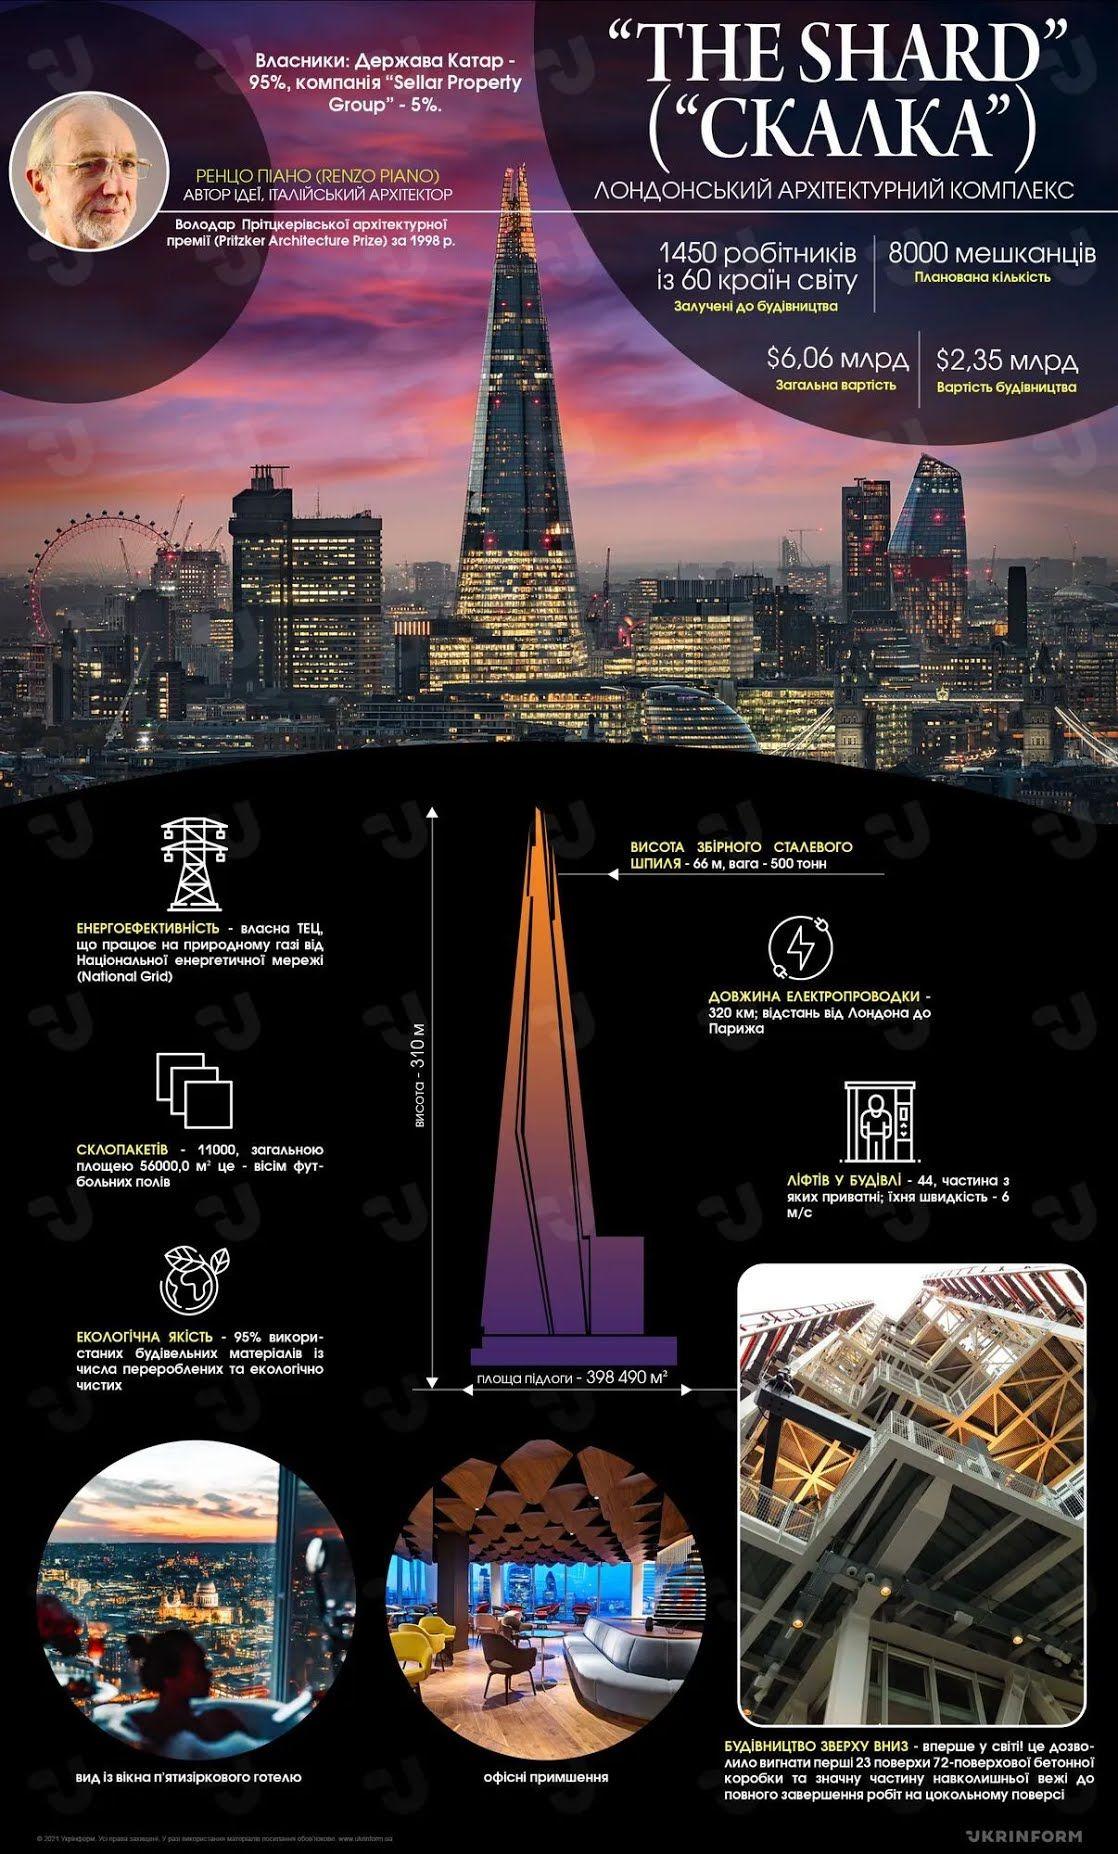 Небоскреб The Shard является самым высоким зданием Европы